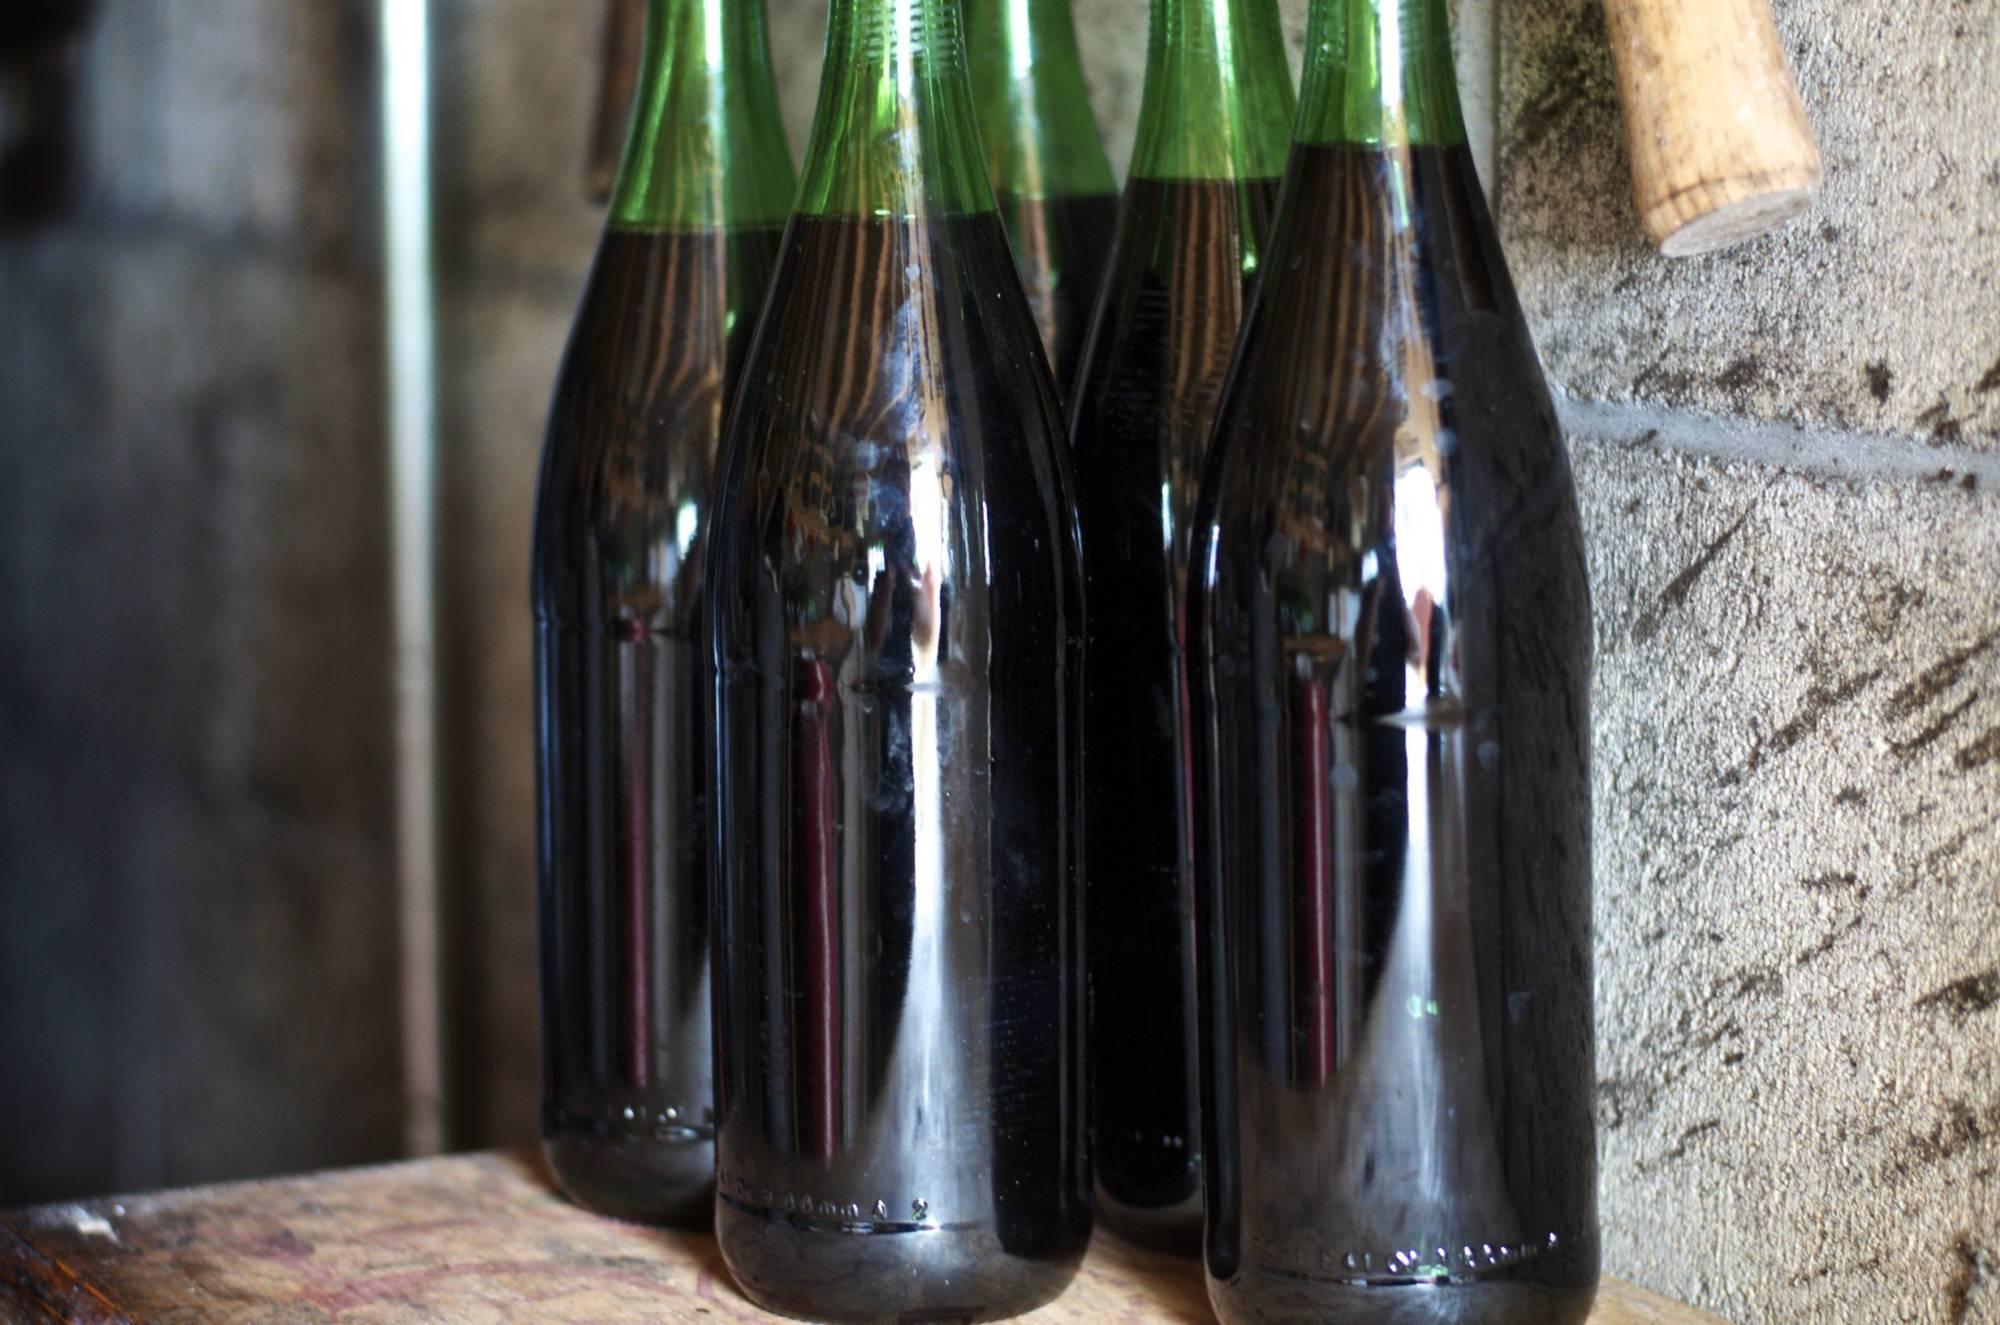 Домашнее виноделие это не только вкусно, но и полезно: как это работает